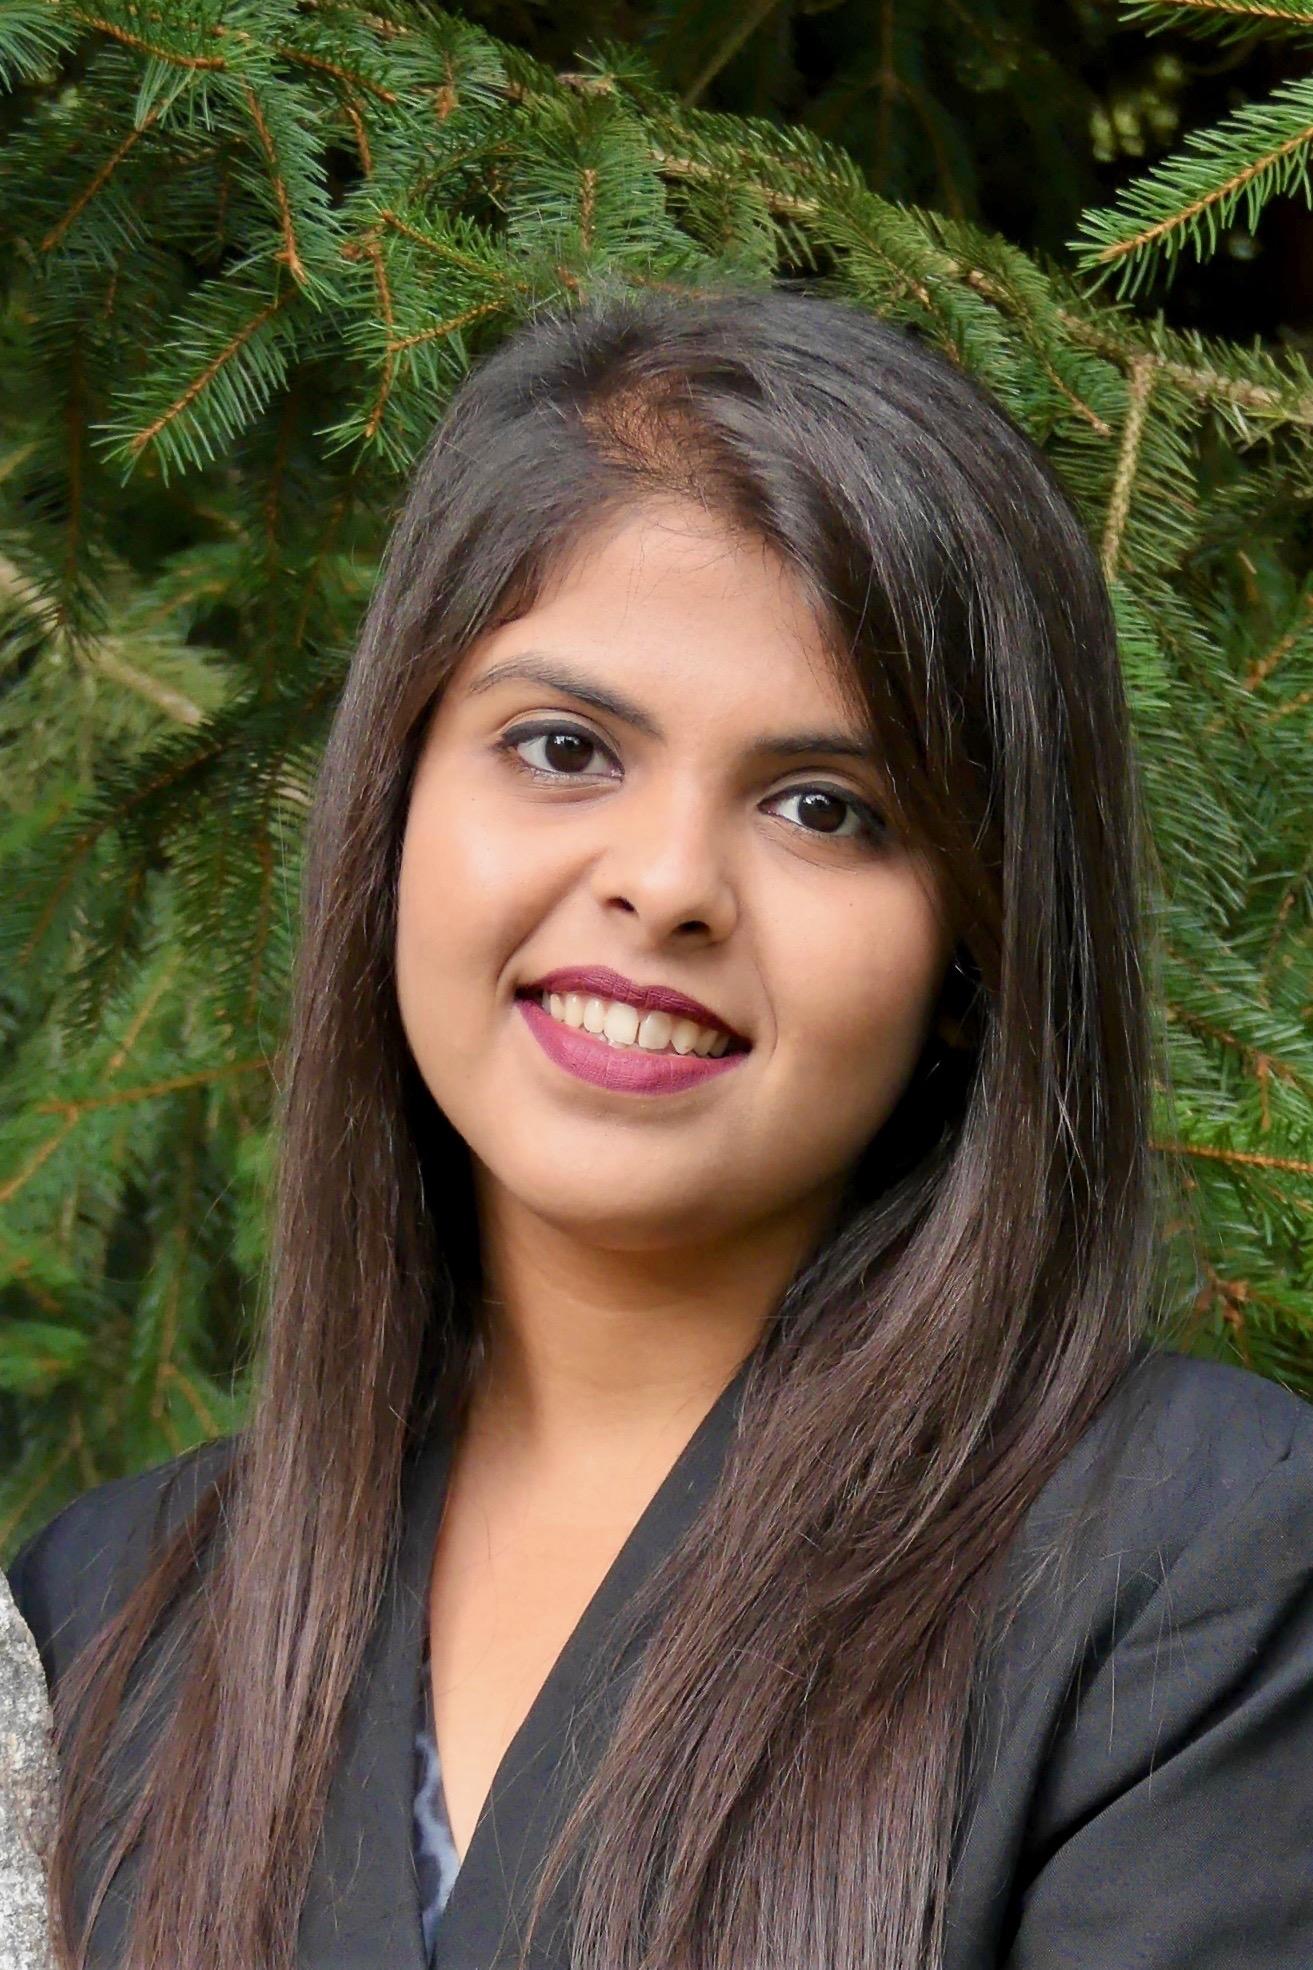 Alisha Bhimani